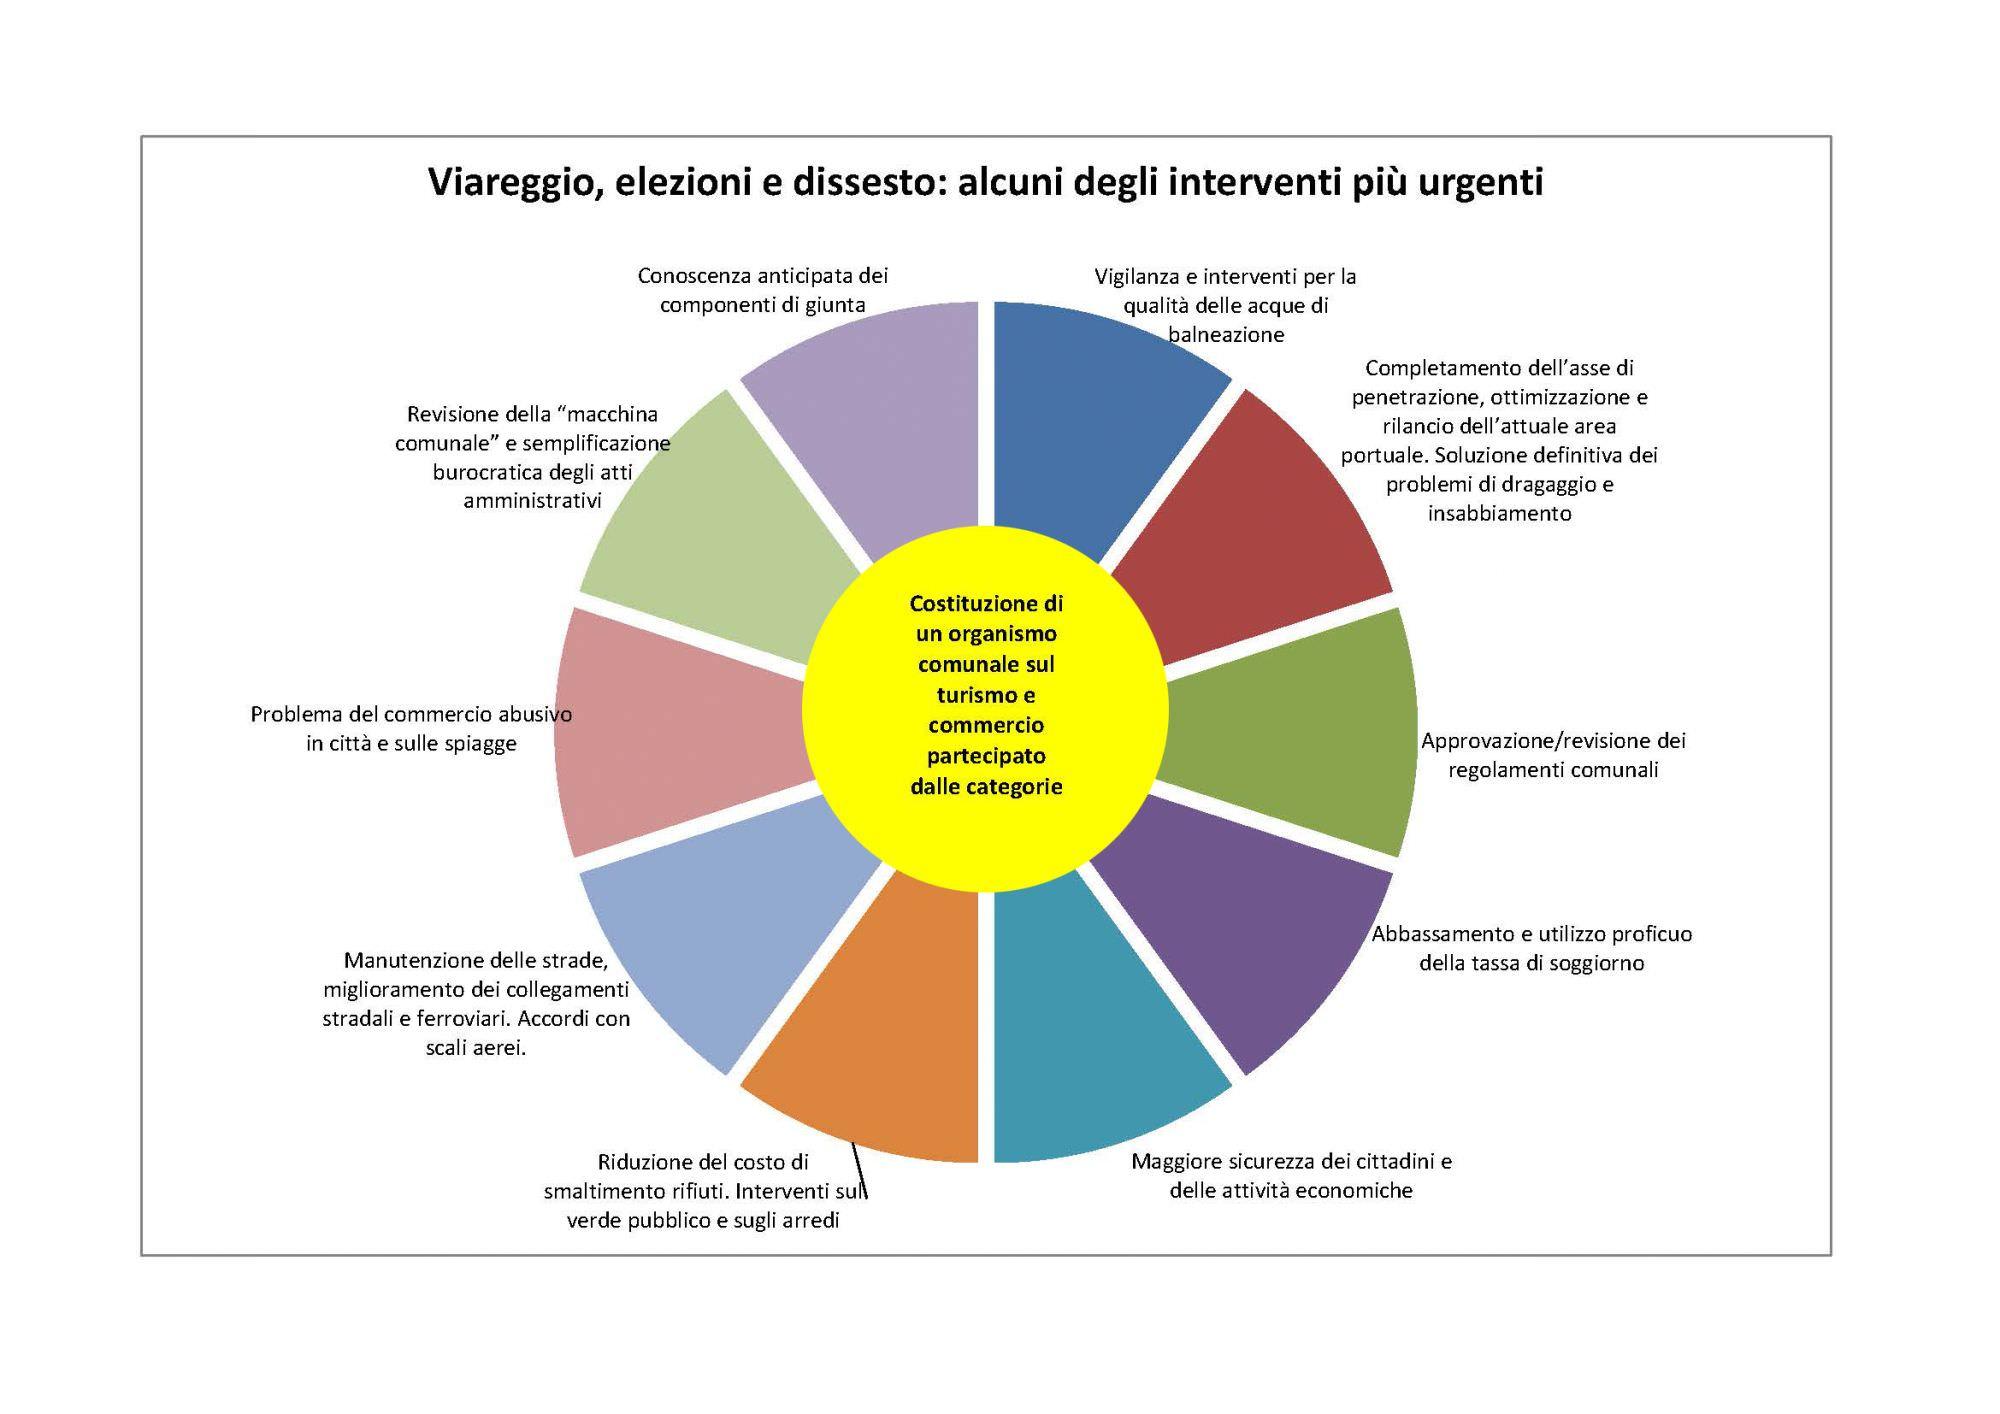 Sicurezza, rifiuti e burocrazia, le priorità di Viareggio secondo i commercianti